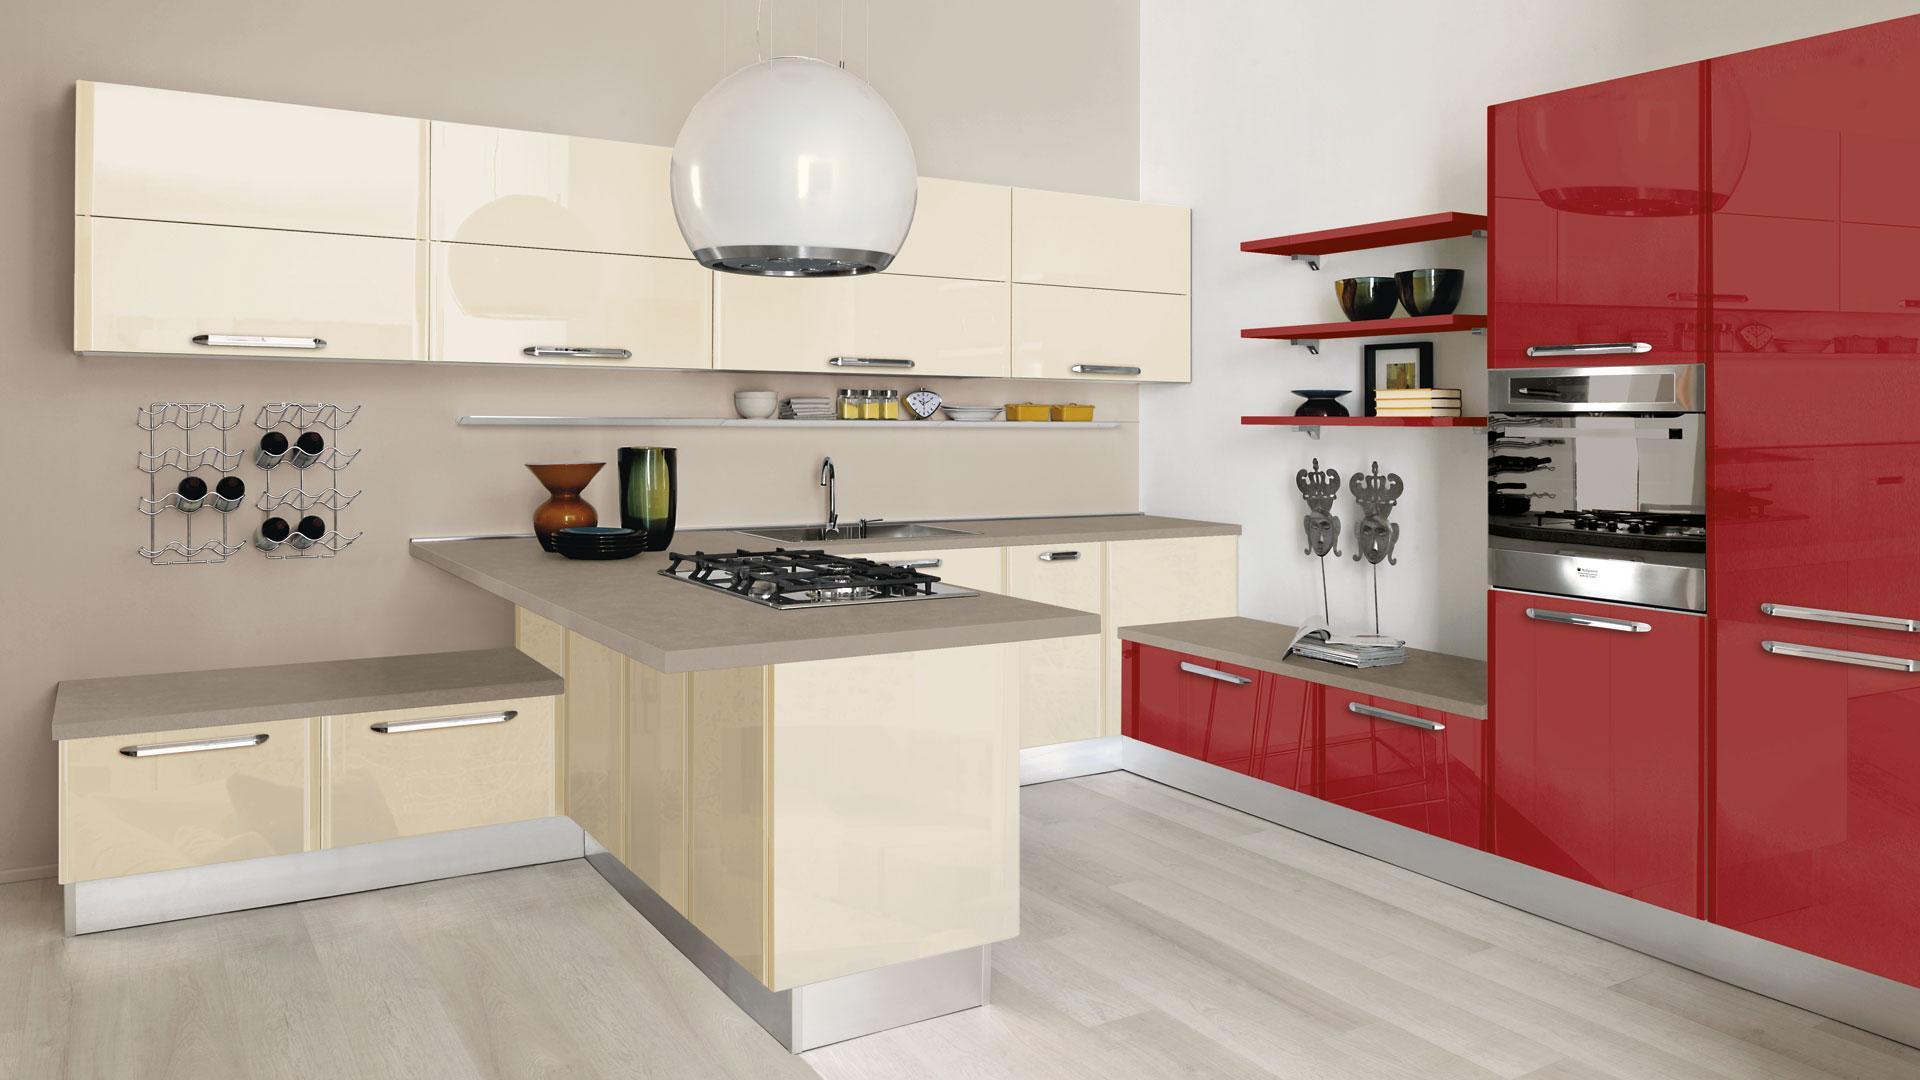 Cucine lube arredo spazio casa - Centro cucine lube ...